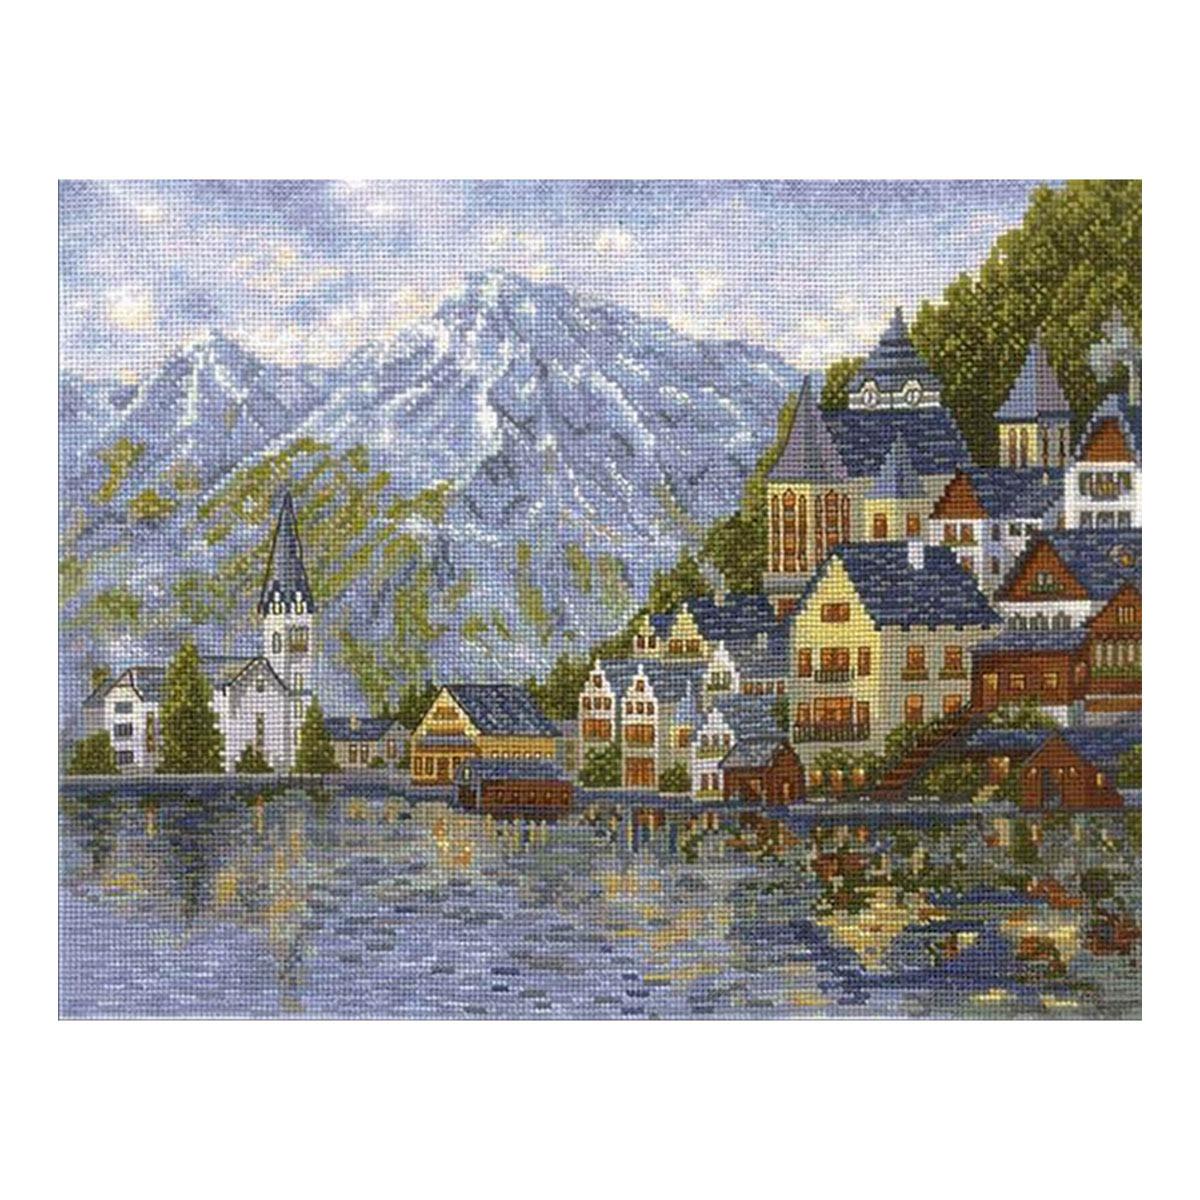 Ж-03 Набор для вышивания ''Женевское озеро', 36*27 см